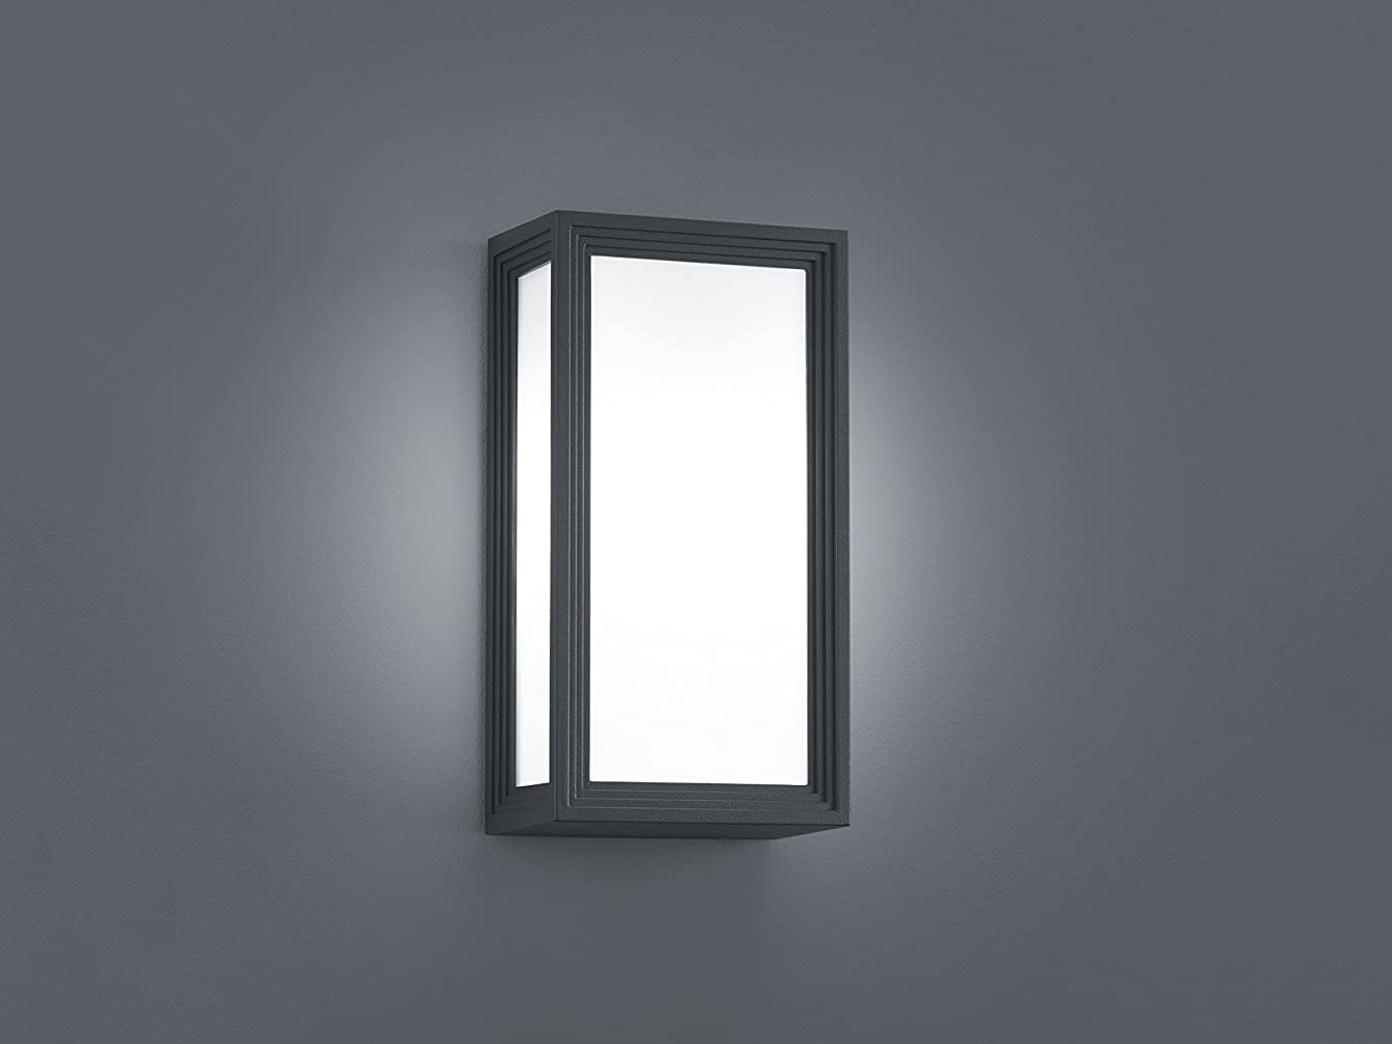 LED-Außenwandleuchte   Wandlampe TIMOK, IP54, anthrazit, Trio